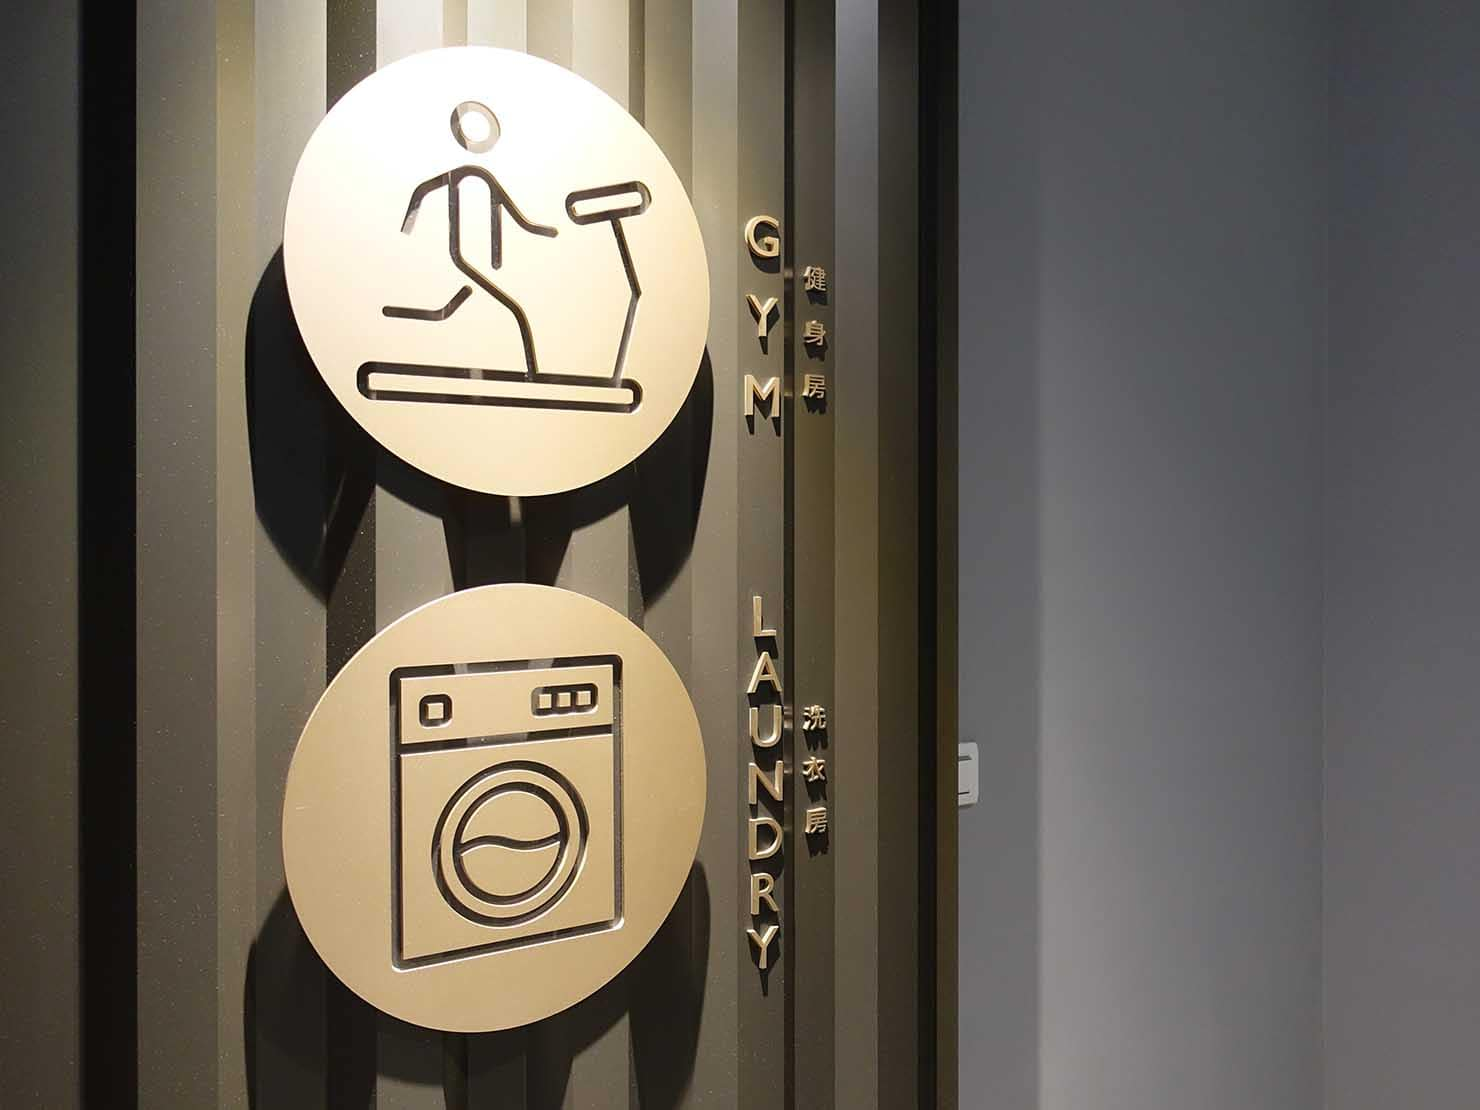 高雄市内観光におすすめのホテル「GREET INN 喜迎旅店」の豪華雙人房(デラックスダブル)15Fのジム&ランドリー